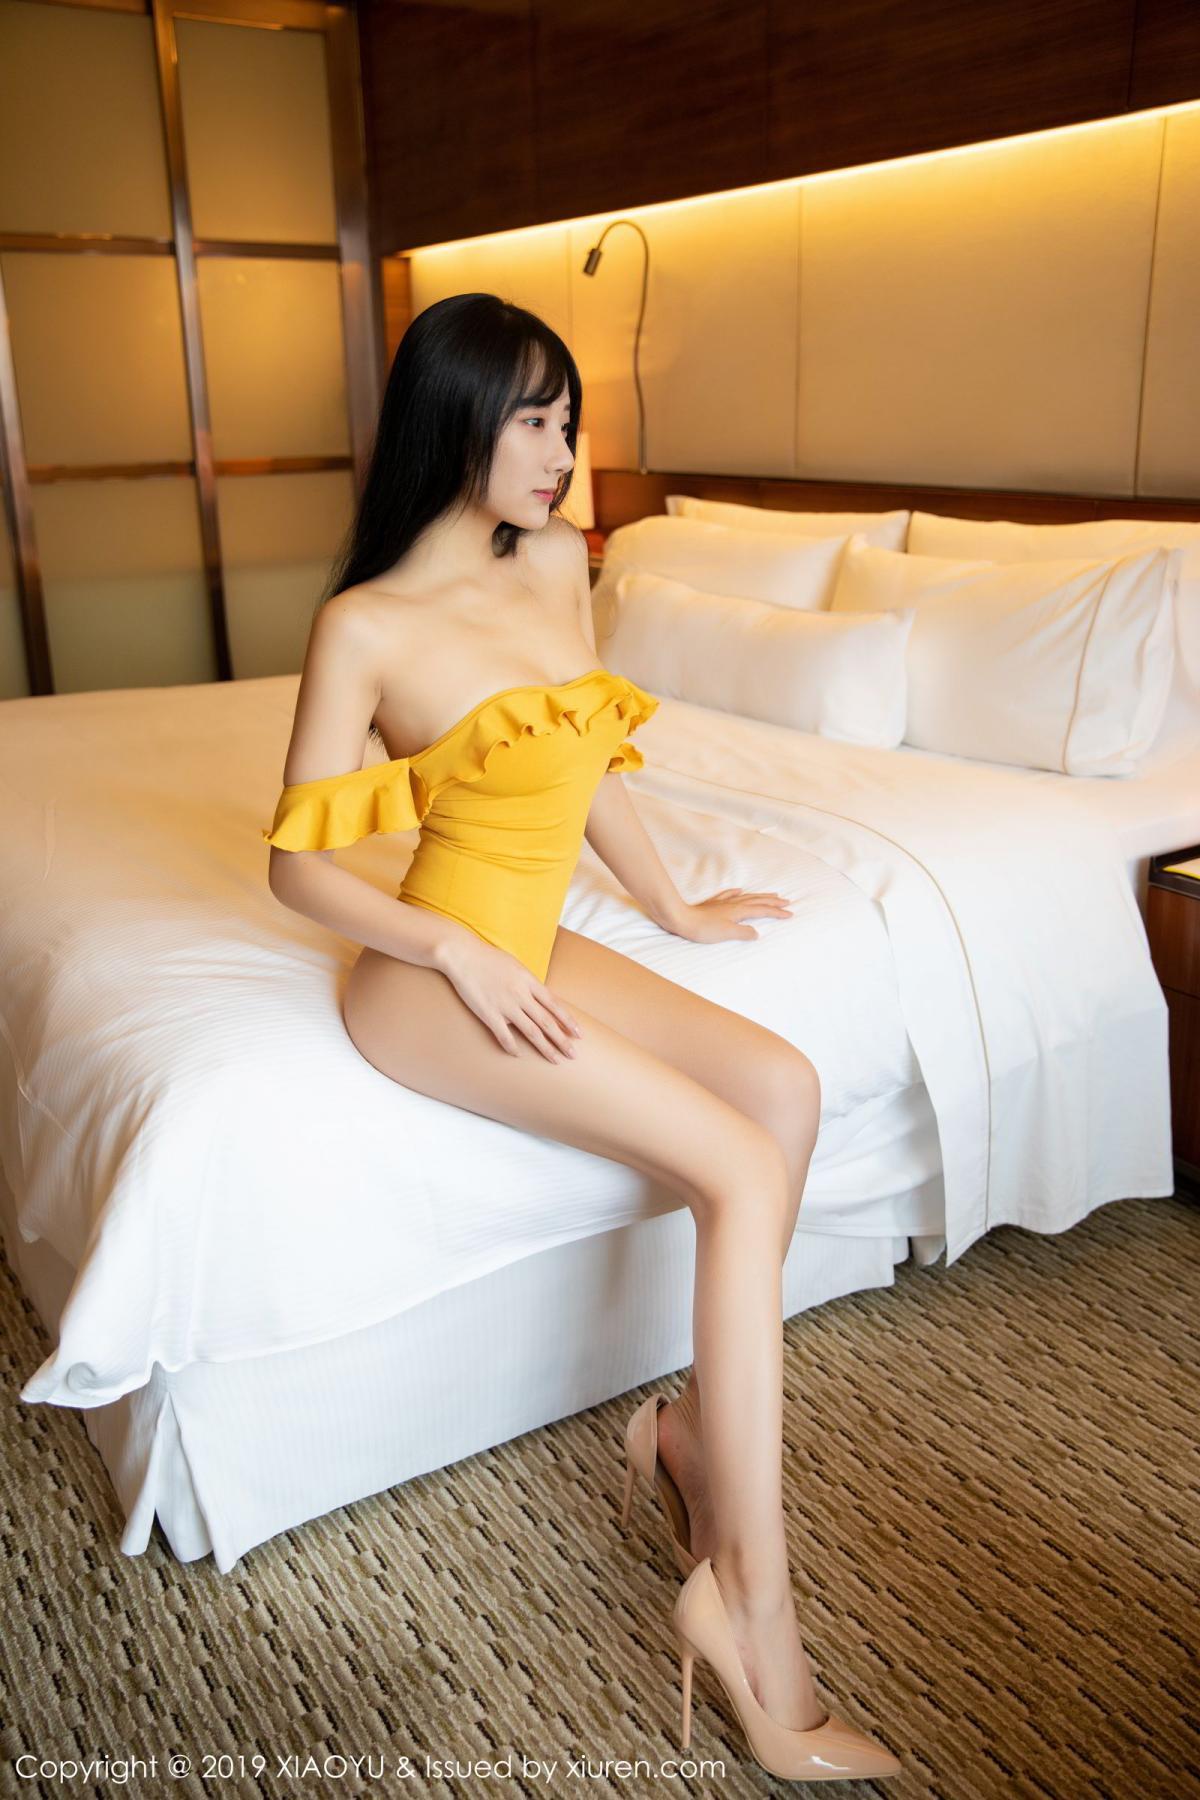 [XiaoYu] Vol.140 He Jia Ying 2P, He Jia Ying, Tall, XiaoYu